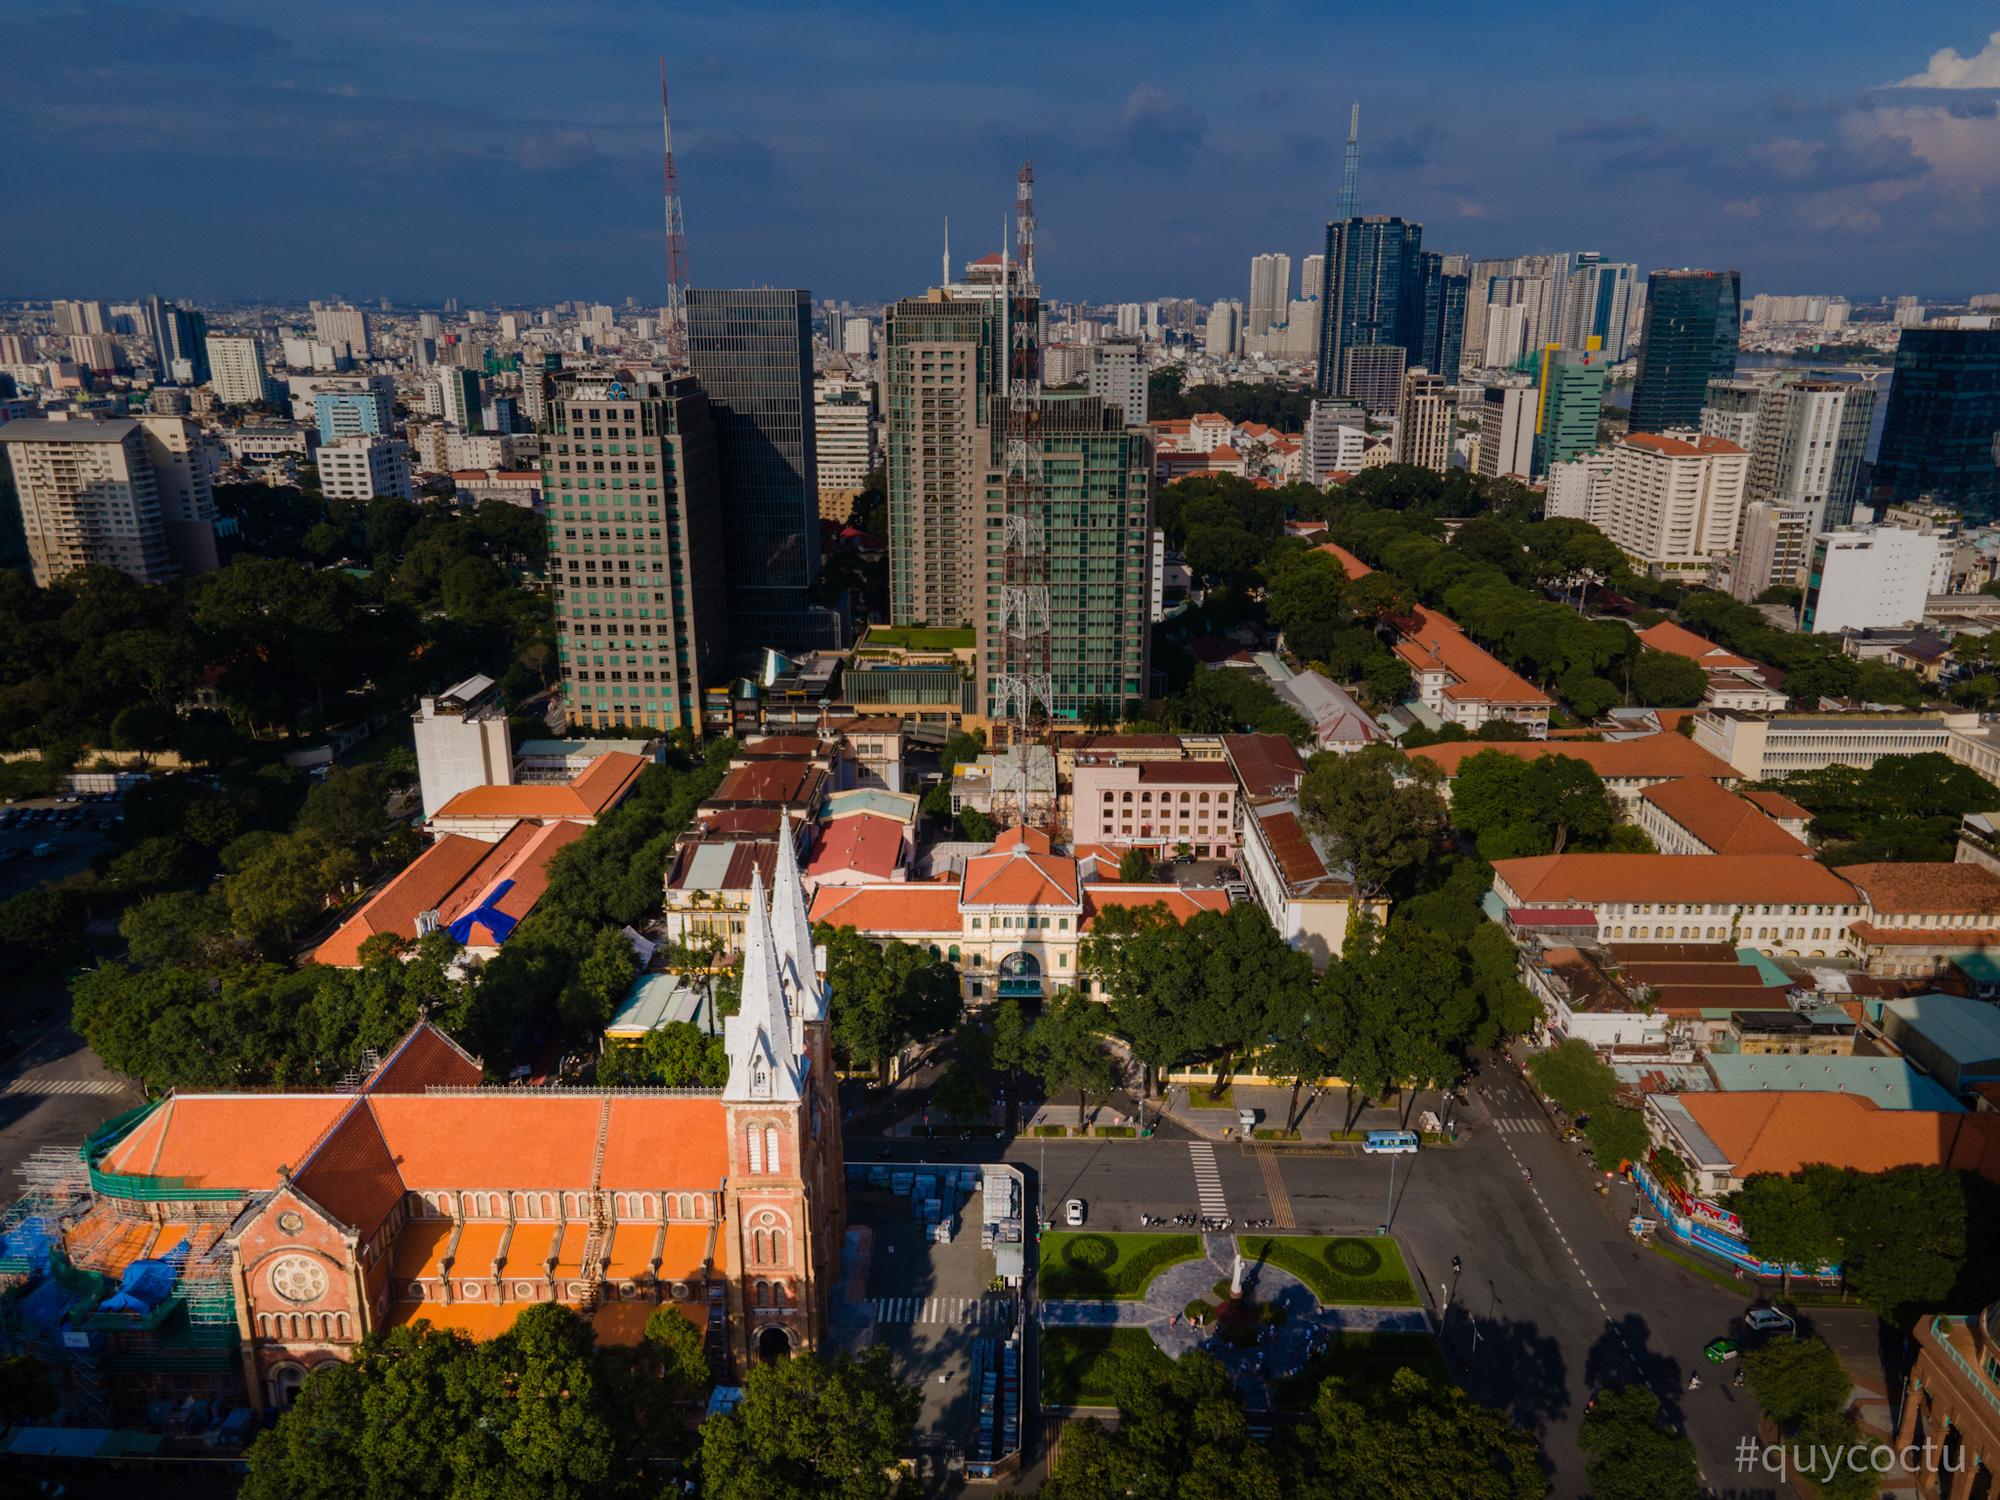 Dạo quanh TP Hồ Chí Minh cùng bloger du lịch nổi tiếng - Ảnh 10.